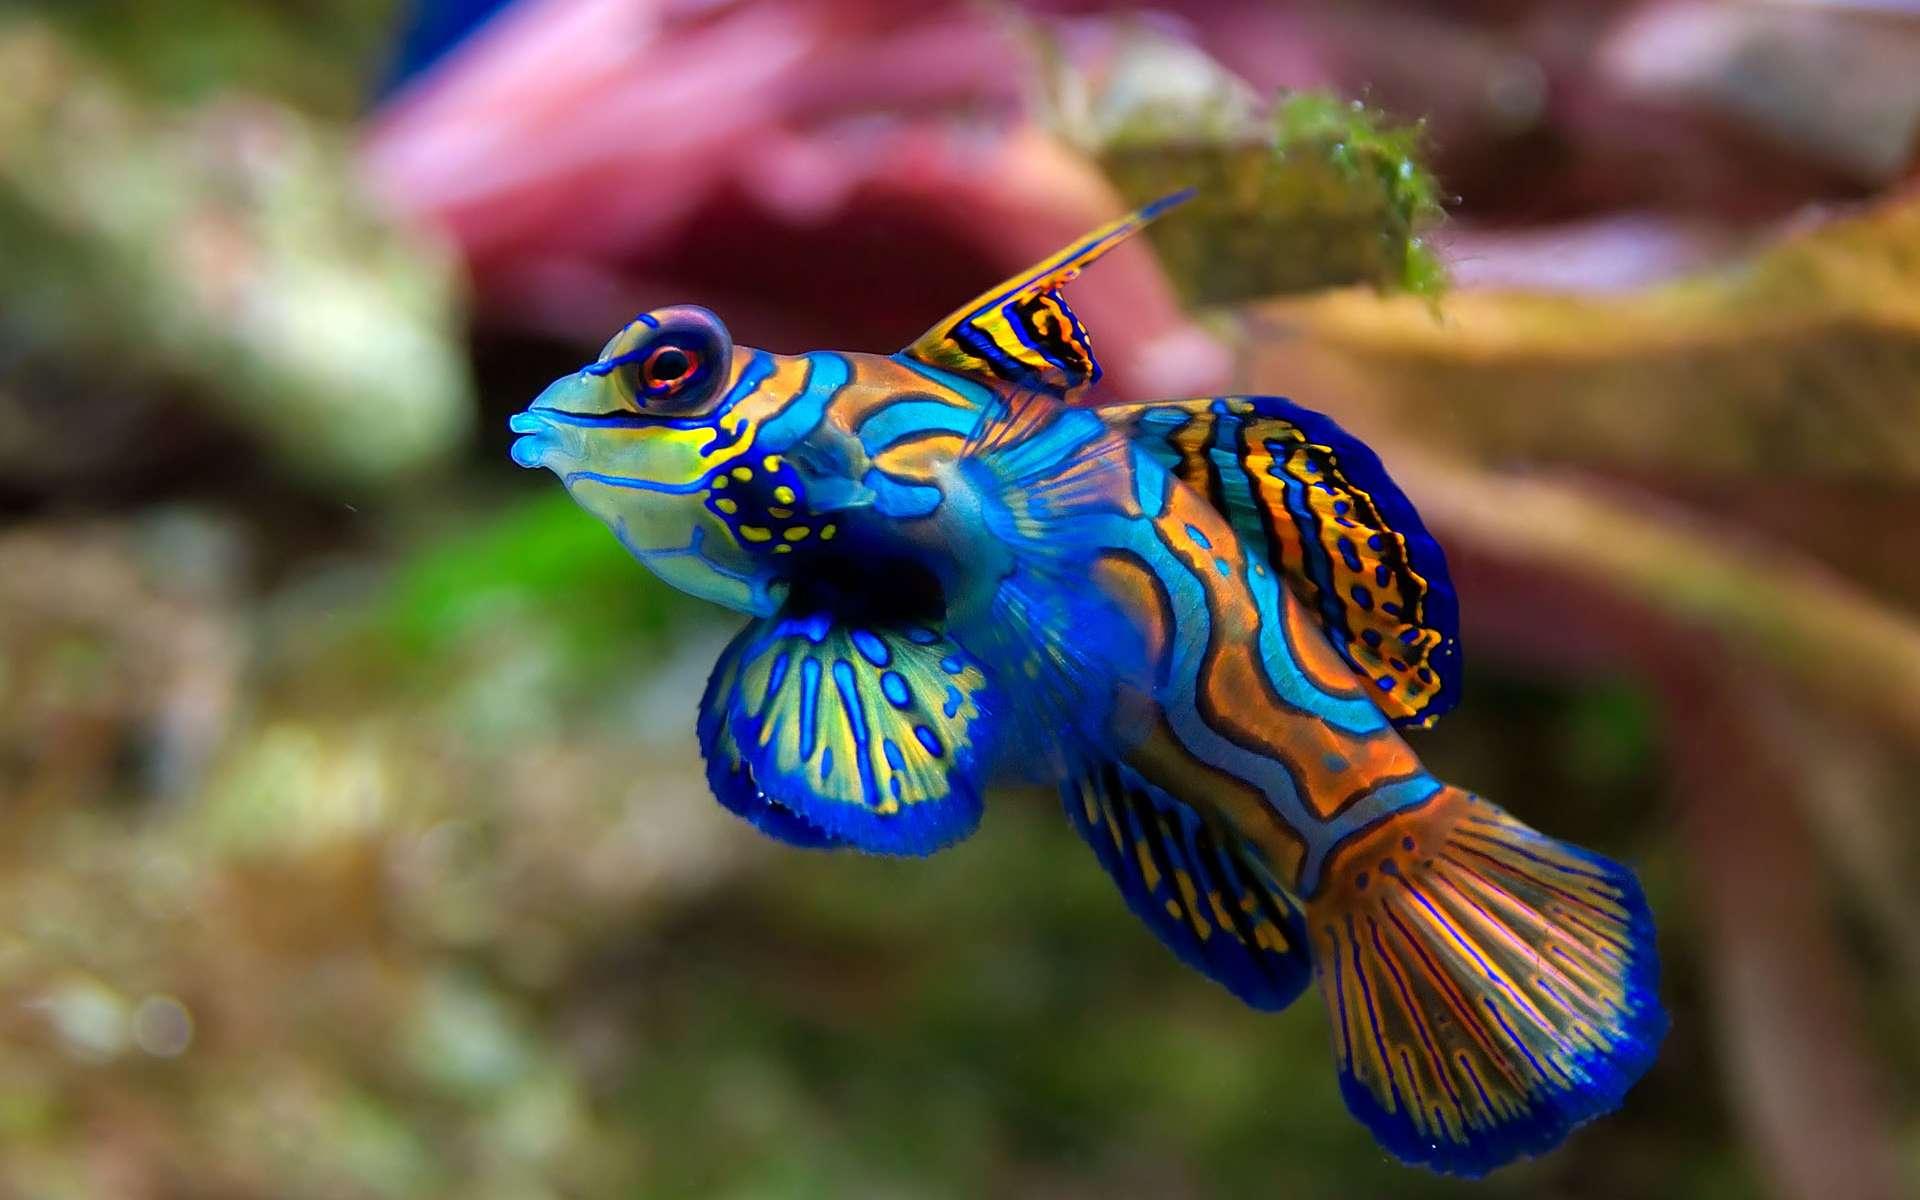 Le dragonnet mandarin est réparti dans l'ouest de l'océan Pacifique. Long de quelque 6 cm, il a une grande particularité pour un poisson : il est dépourvu d'écailles. Les couleurs bleue et orange de cette espèce proviennent directement de sa peau. Généralement, il barbote à moins de 18 mètres de profondeur mais réside surtout au fond de l'eau. En conséquence, il réside préférentiellement dans les lagunes et les récifs côtiers où il se nourrit de planctons. Pour compenser son absence d'écailles, ce poisson produit un épais mucus qui le protège des parasites et repousse les prédateurs. © Luc Viatour, Wikimedia Commons, CC by-sa 3.0